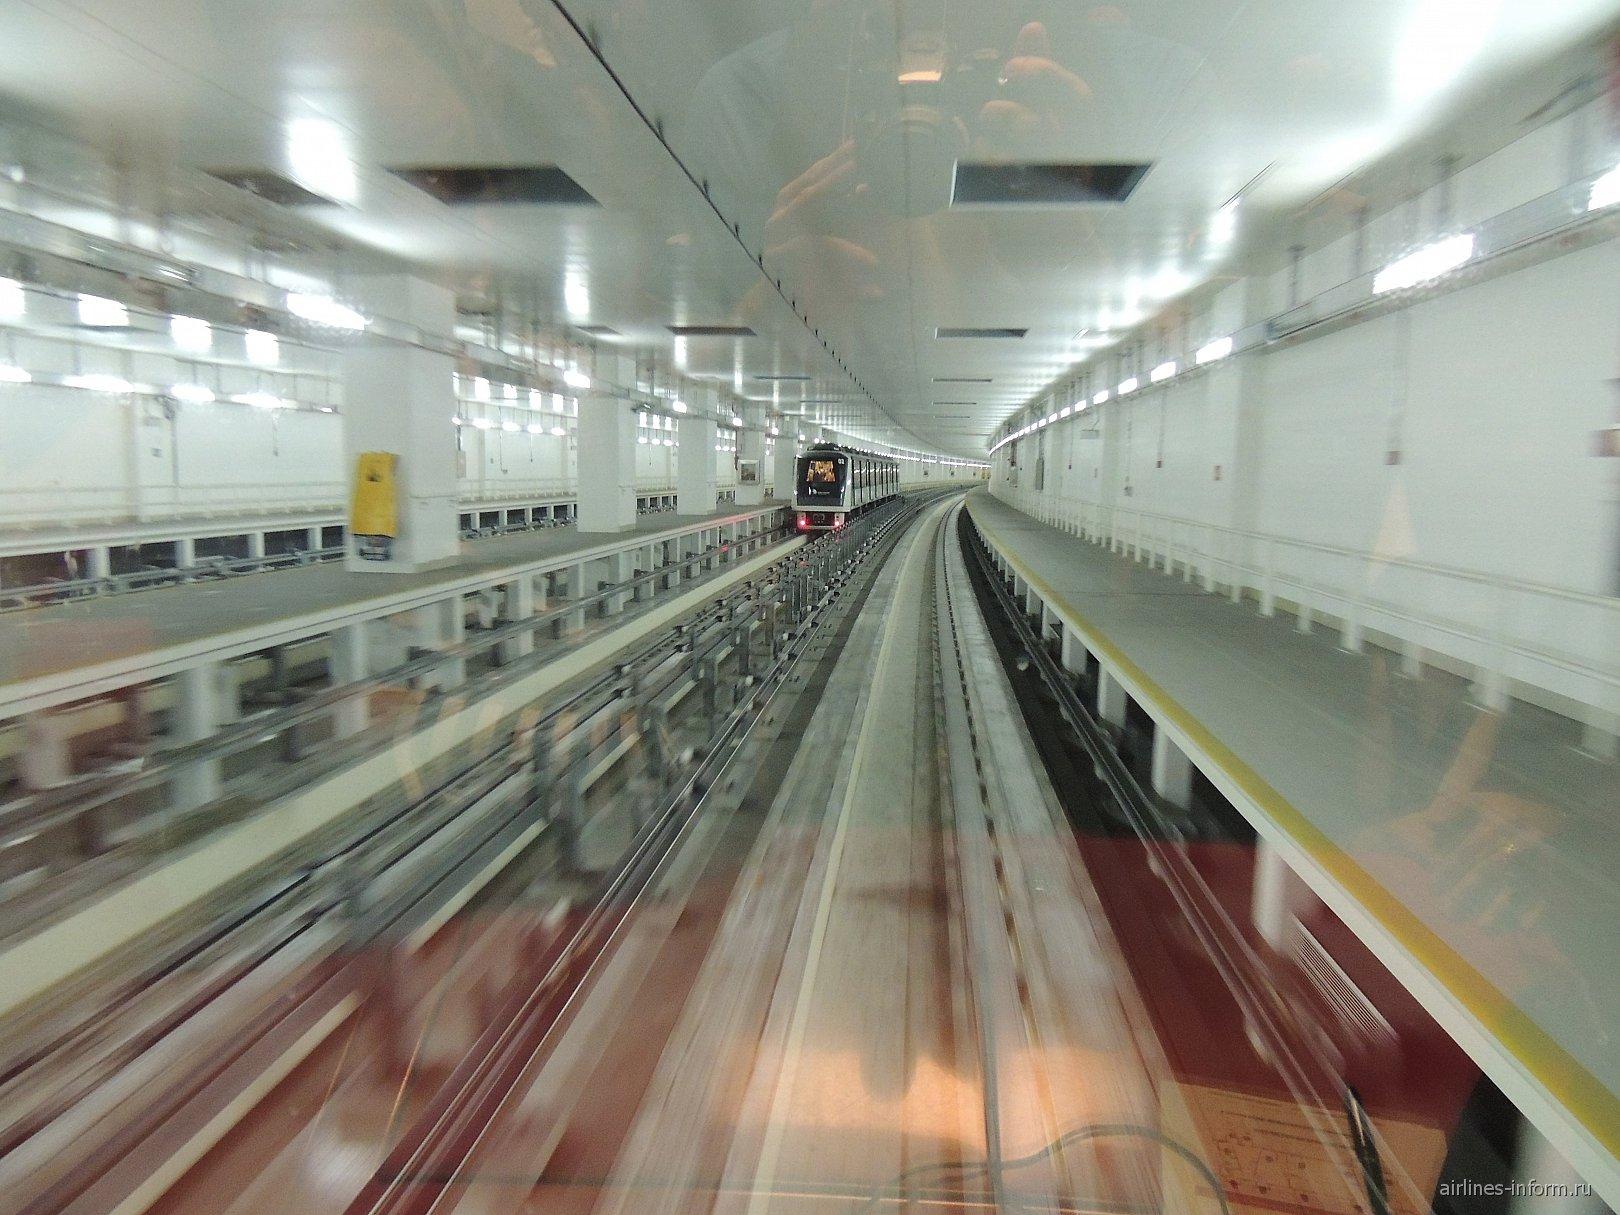 Поезд между терминалами аэропорта Дубай